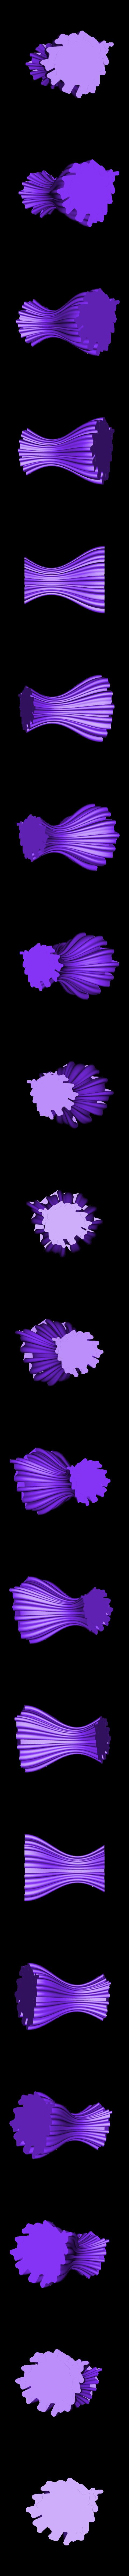 vase1.stl Download free STL file Wavy vase • 3D printer design, ferjerez3d